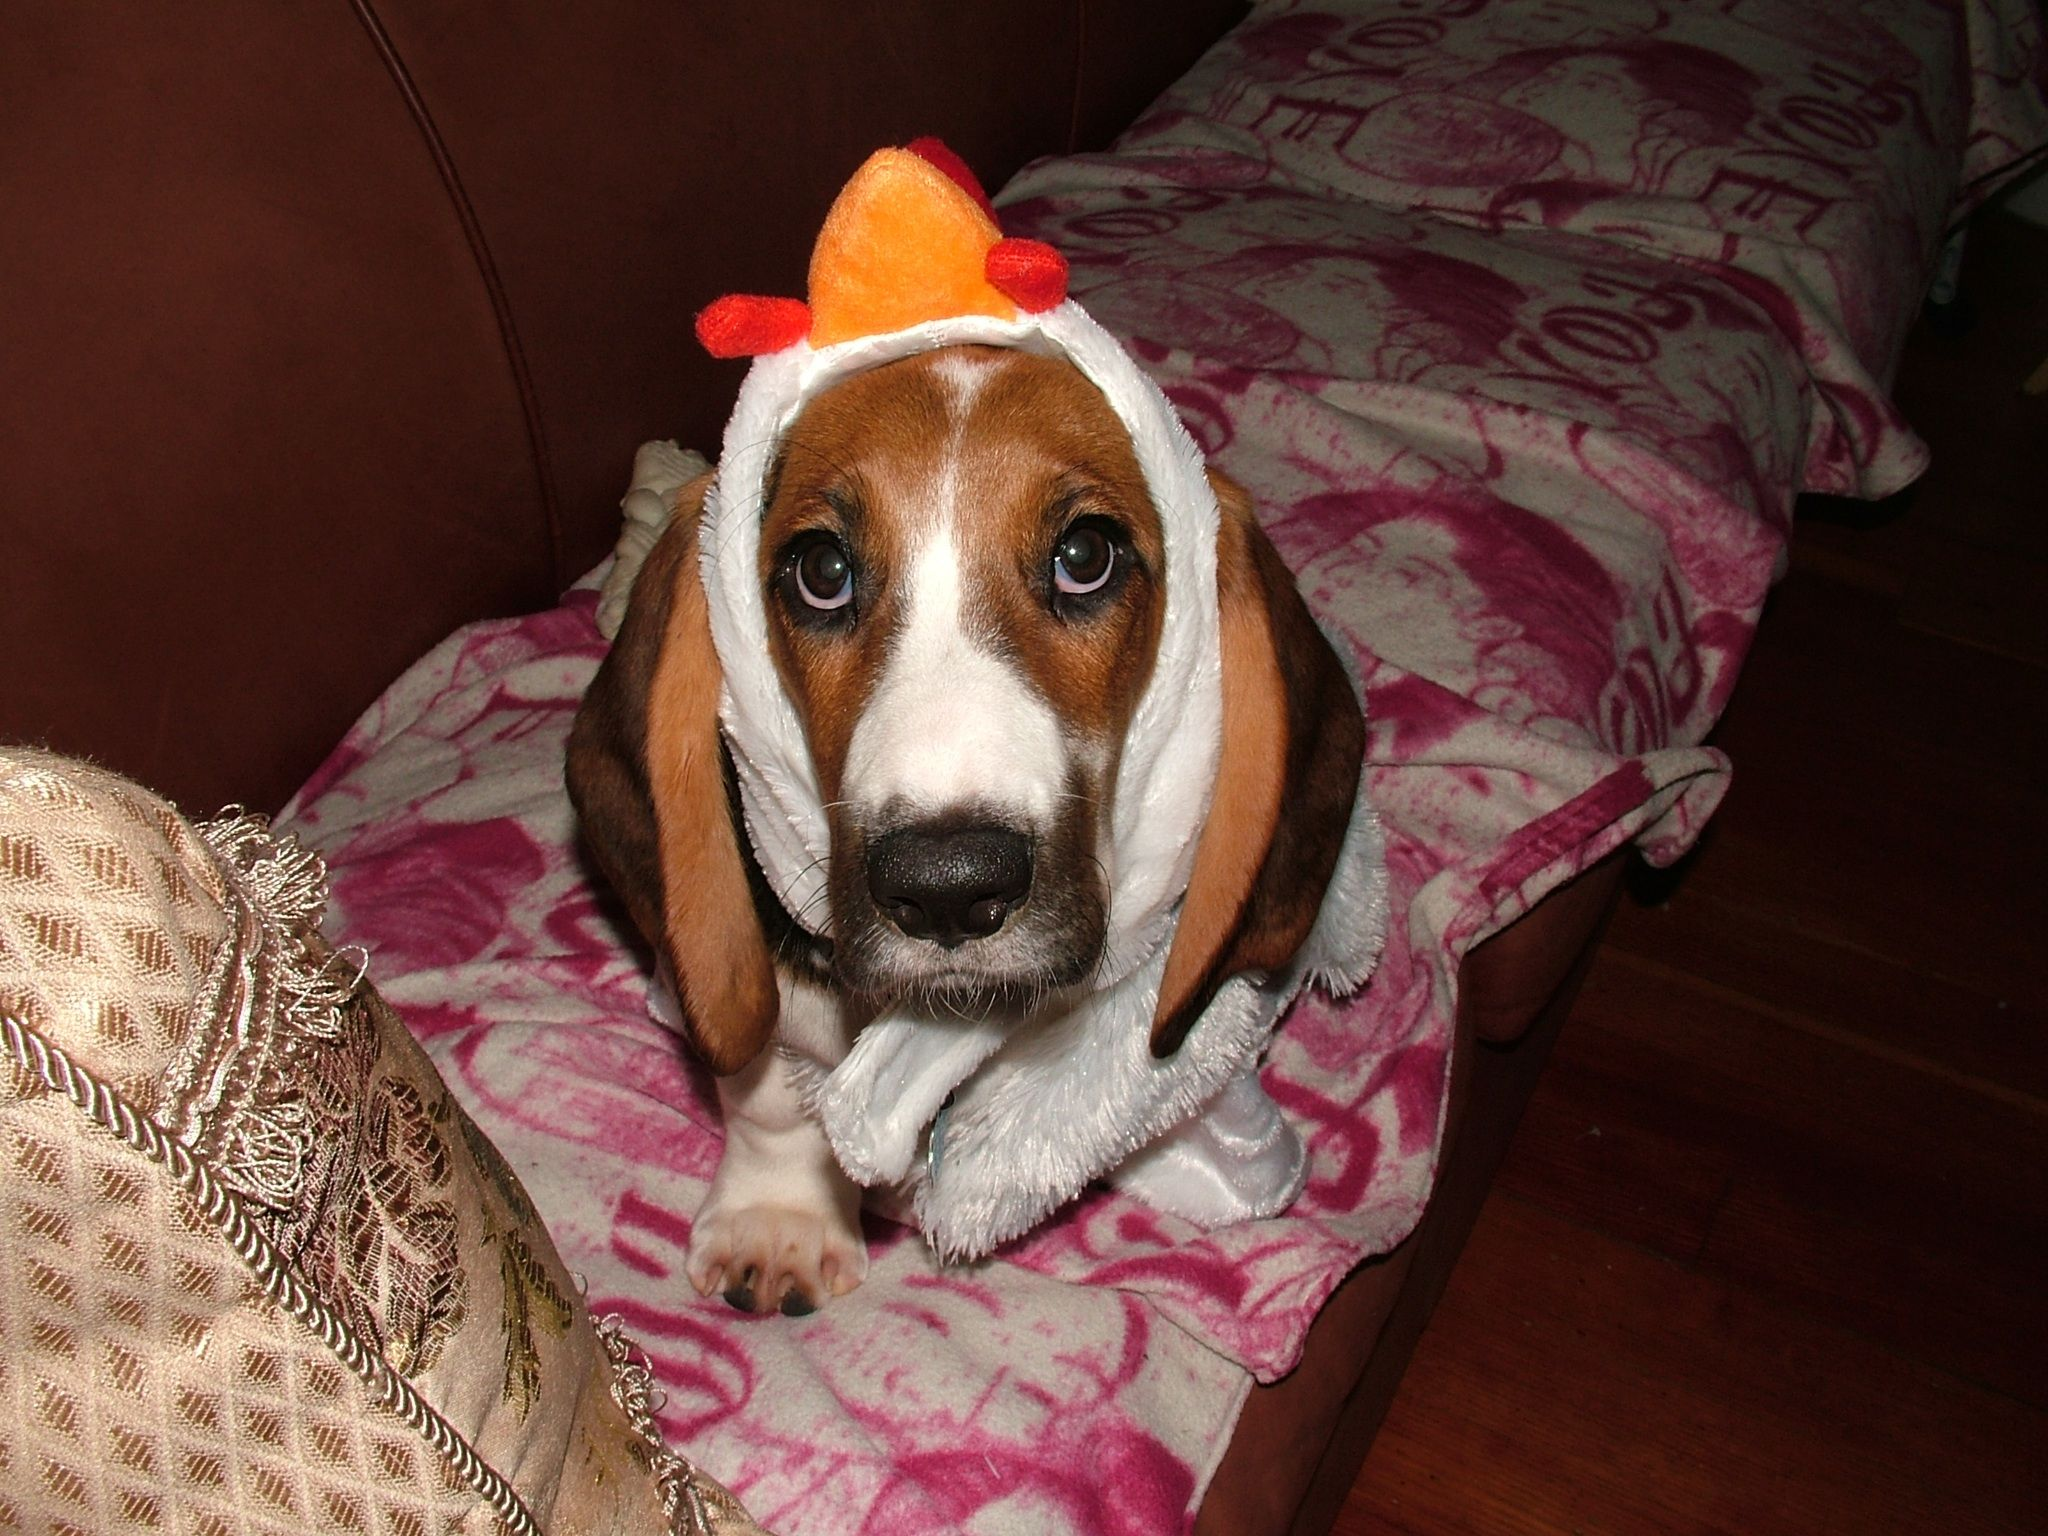 basset hound puppy dressed as a chicken for Halloween